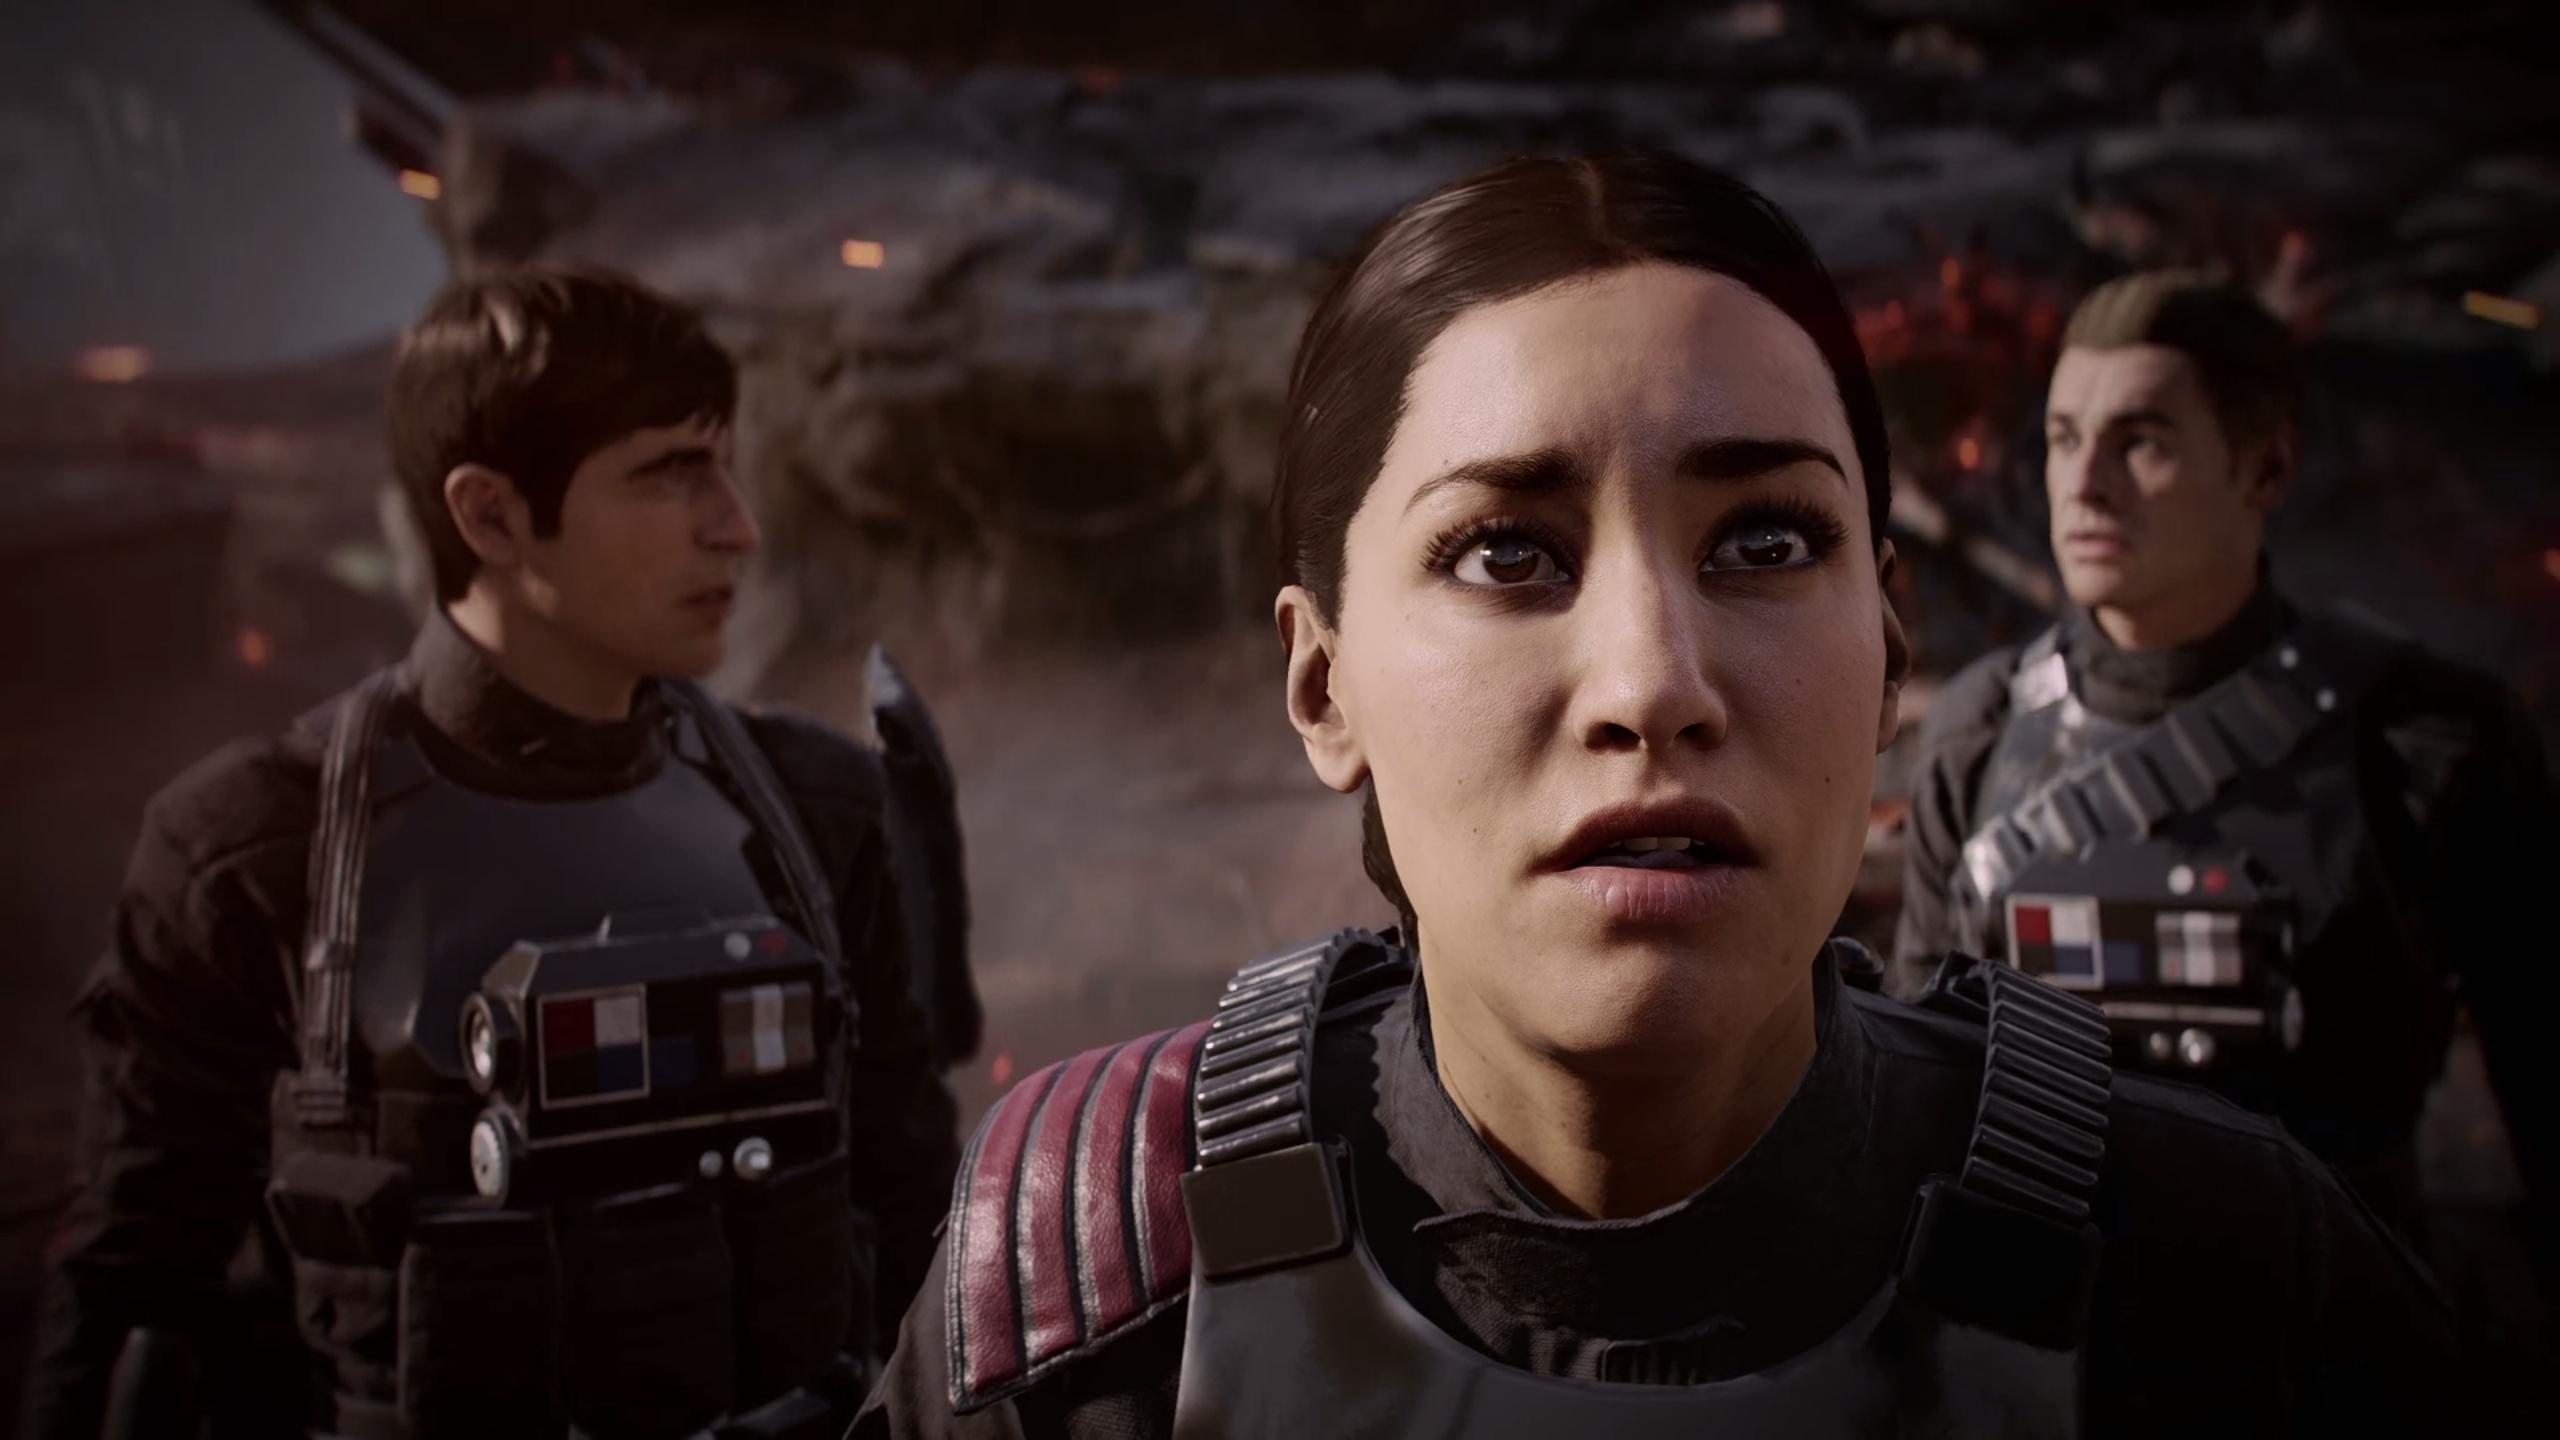 starwarsbattlefrontii_2021_07_31_13_50_45_131.jpg - Star Wars: Battlefront 2 (2017)